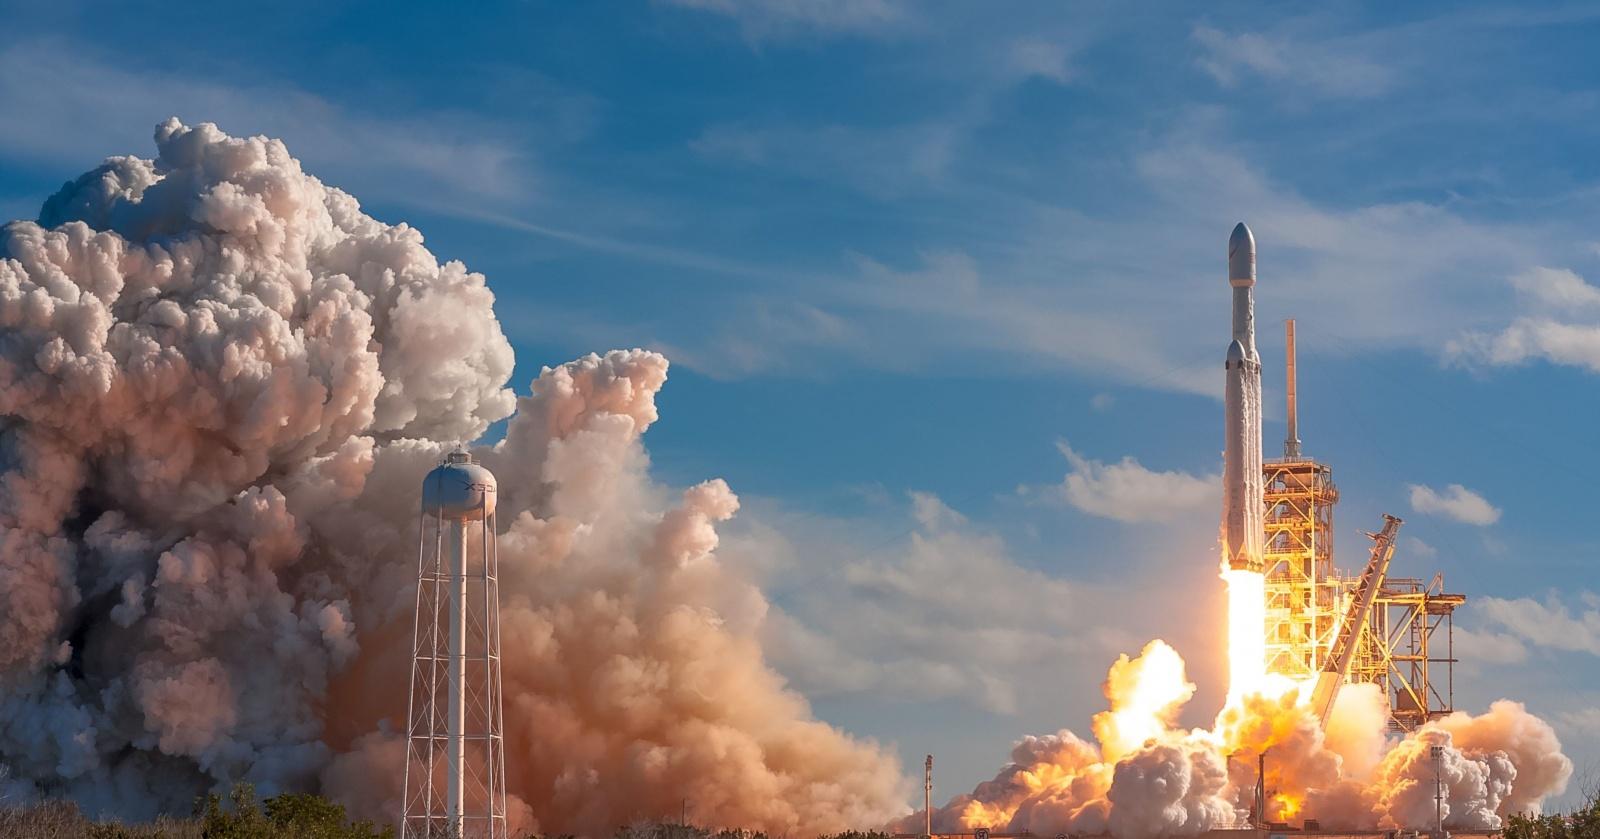 Что происходит внутри ракеты в космосе: видео